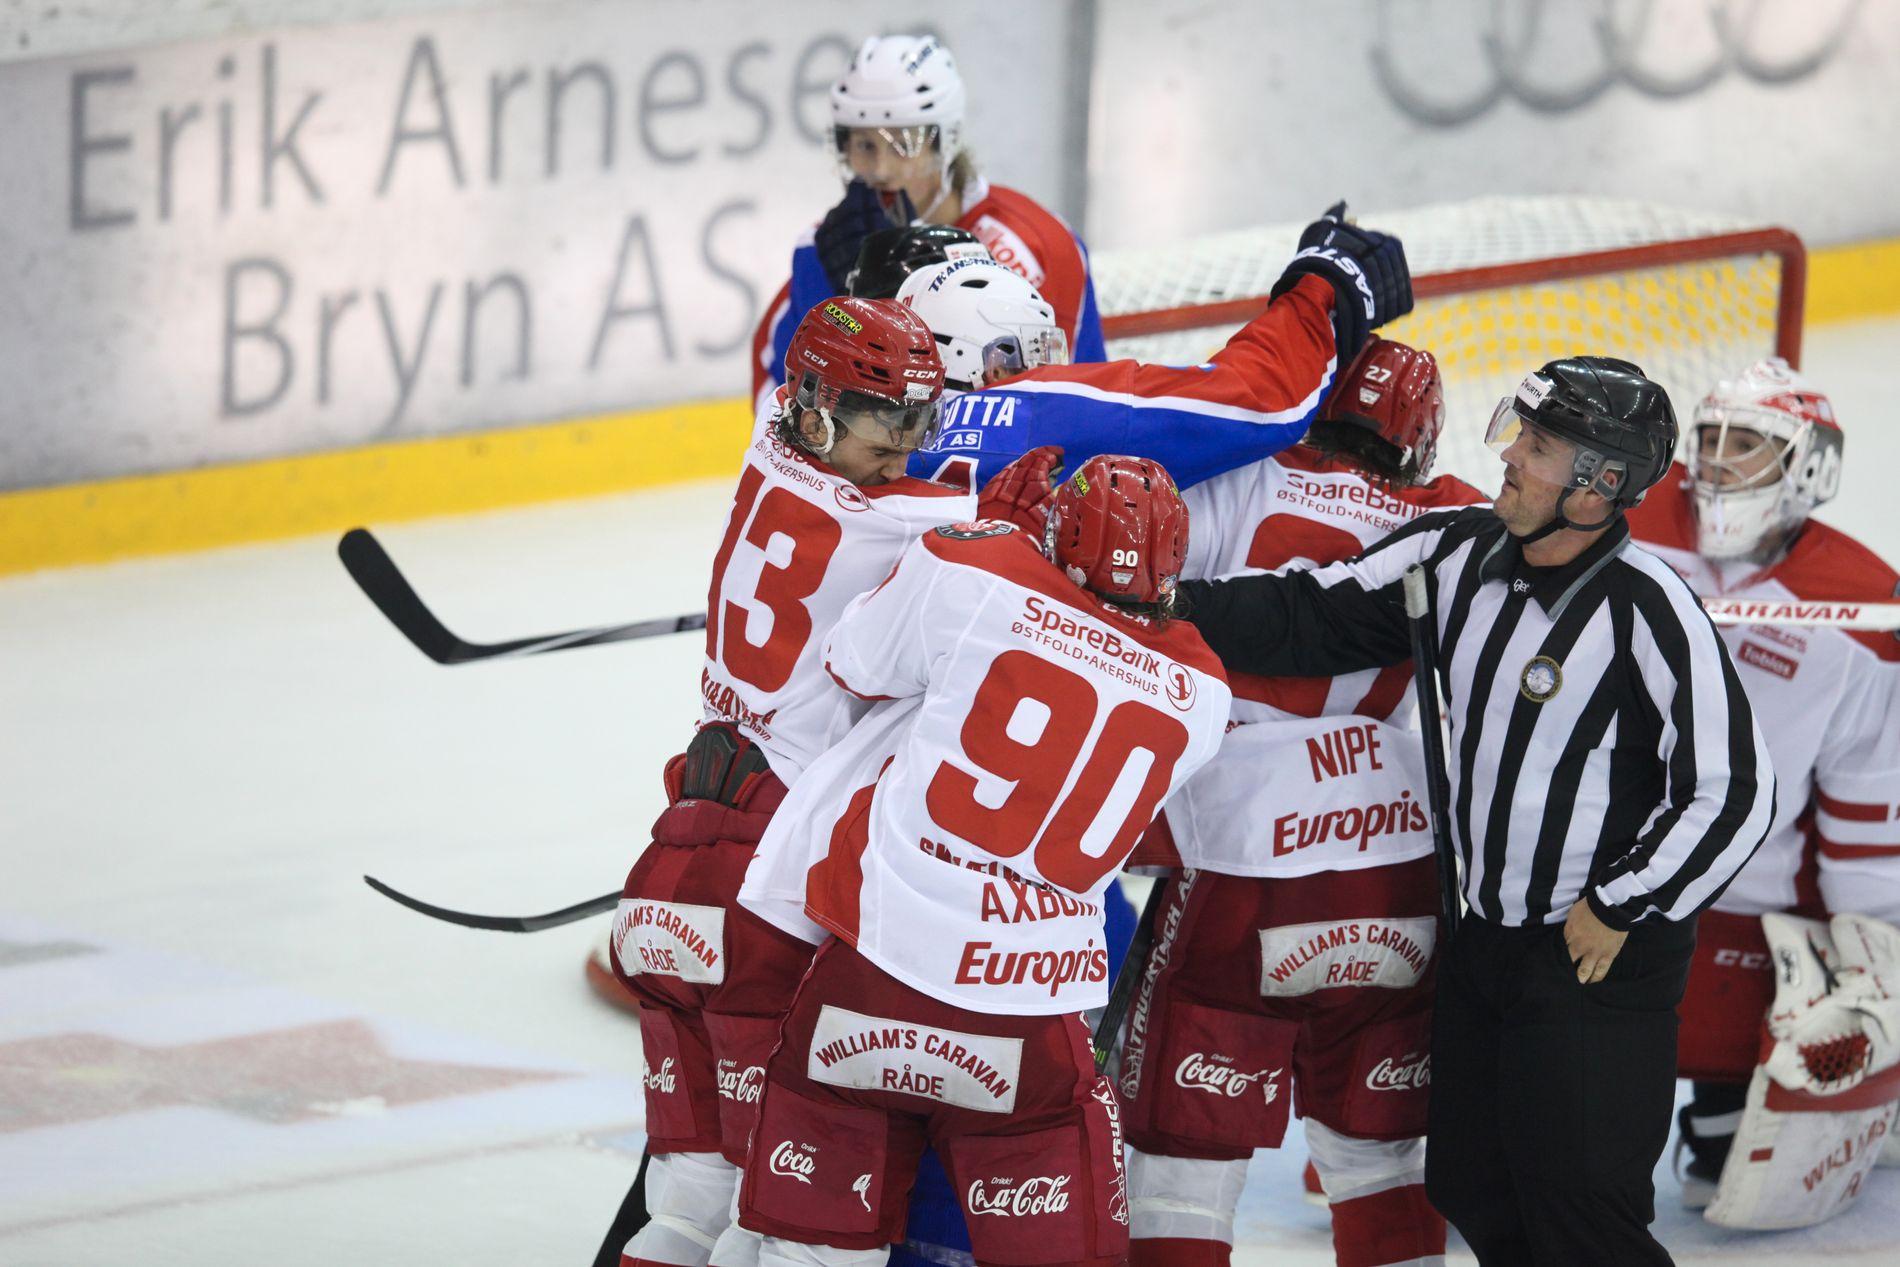 INGEN RADIO: Stjernen og Vålerenga er to klubber hvor lagets supportere har hatt et lokalradio-tilbud.